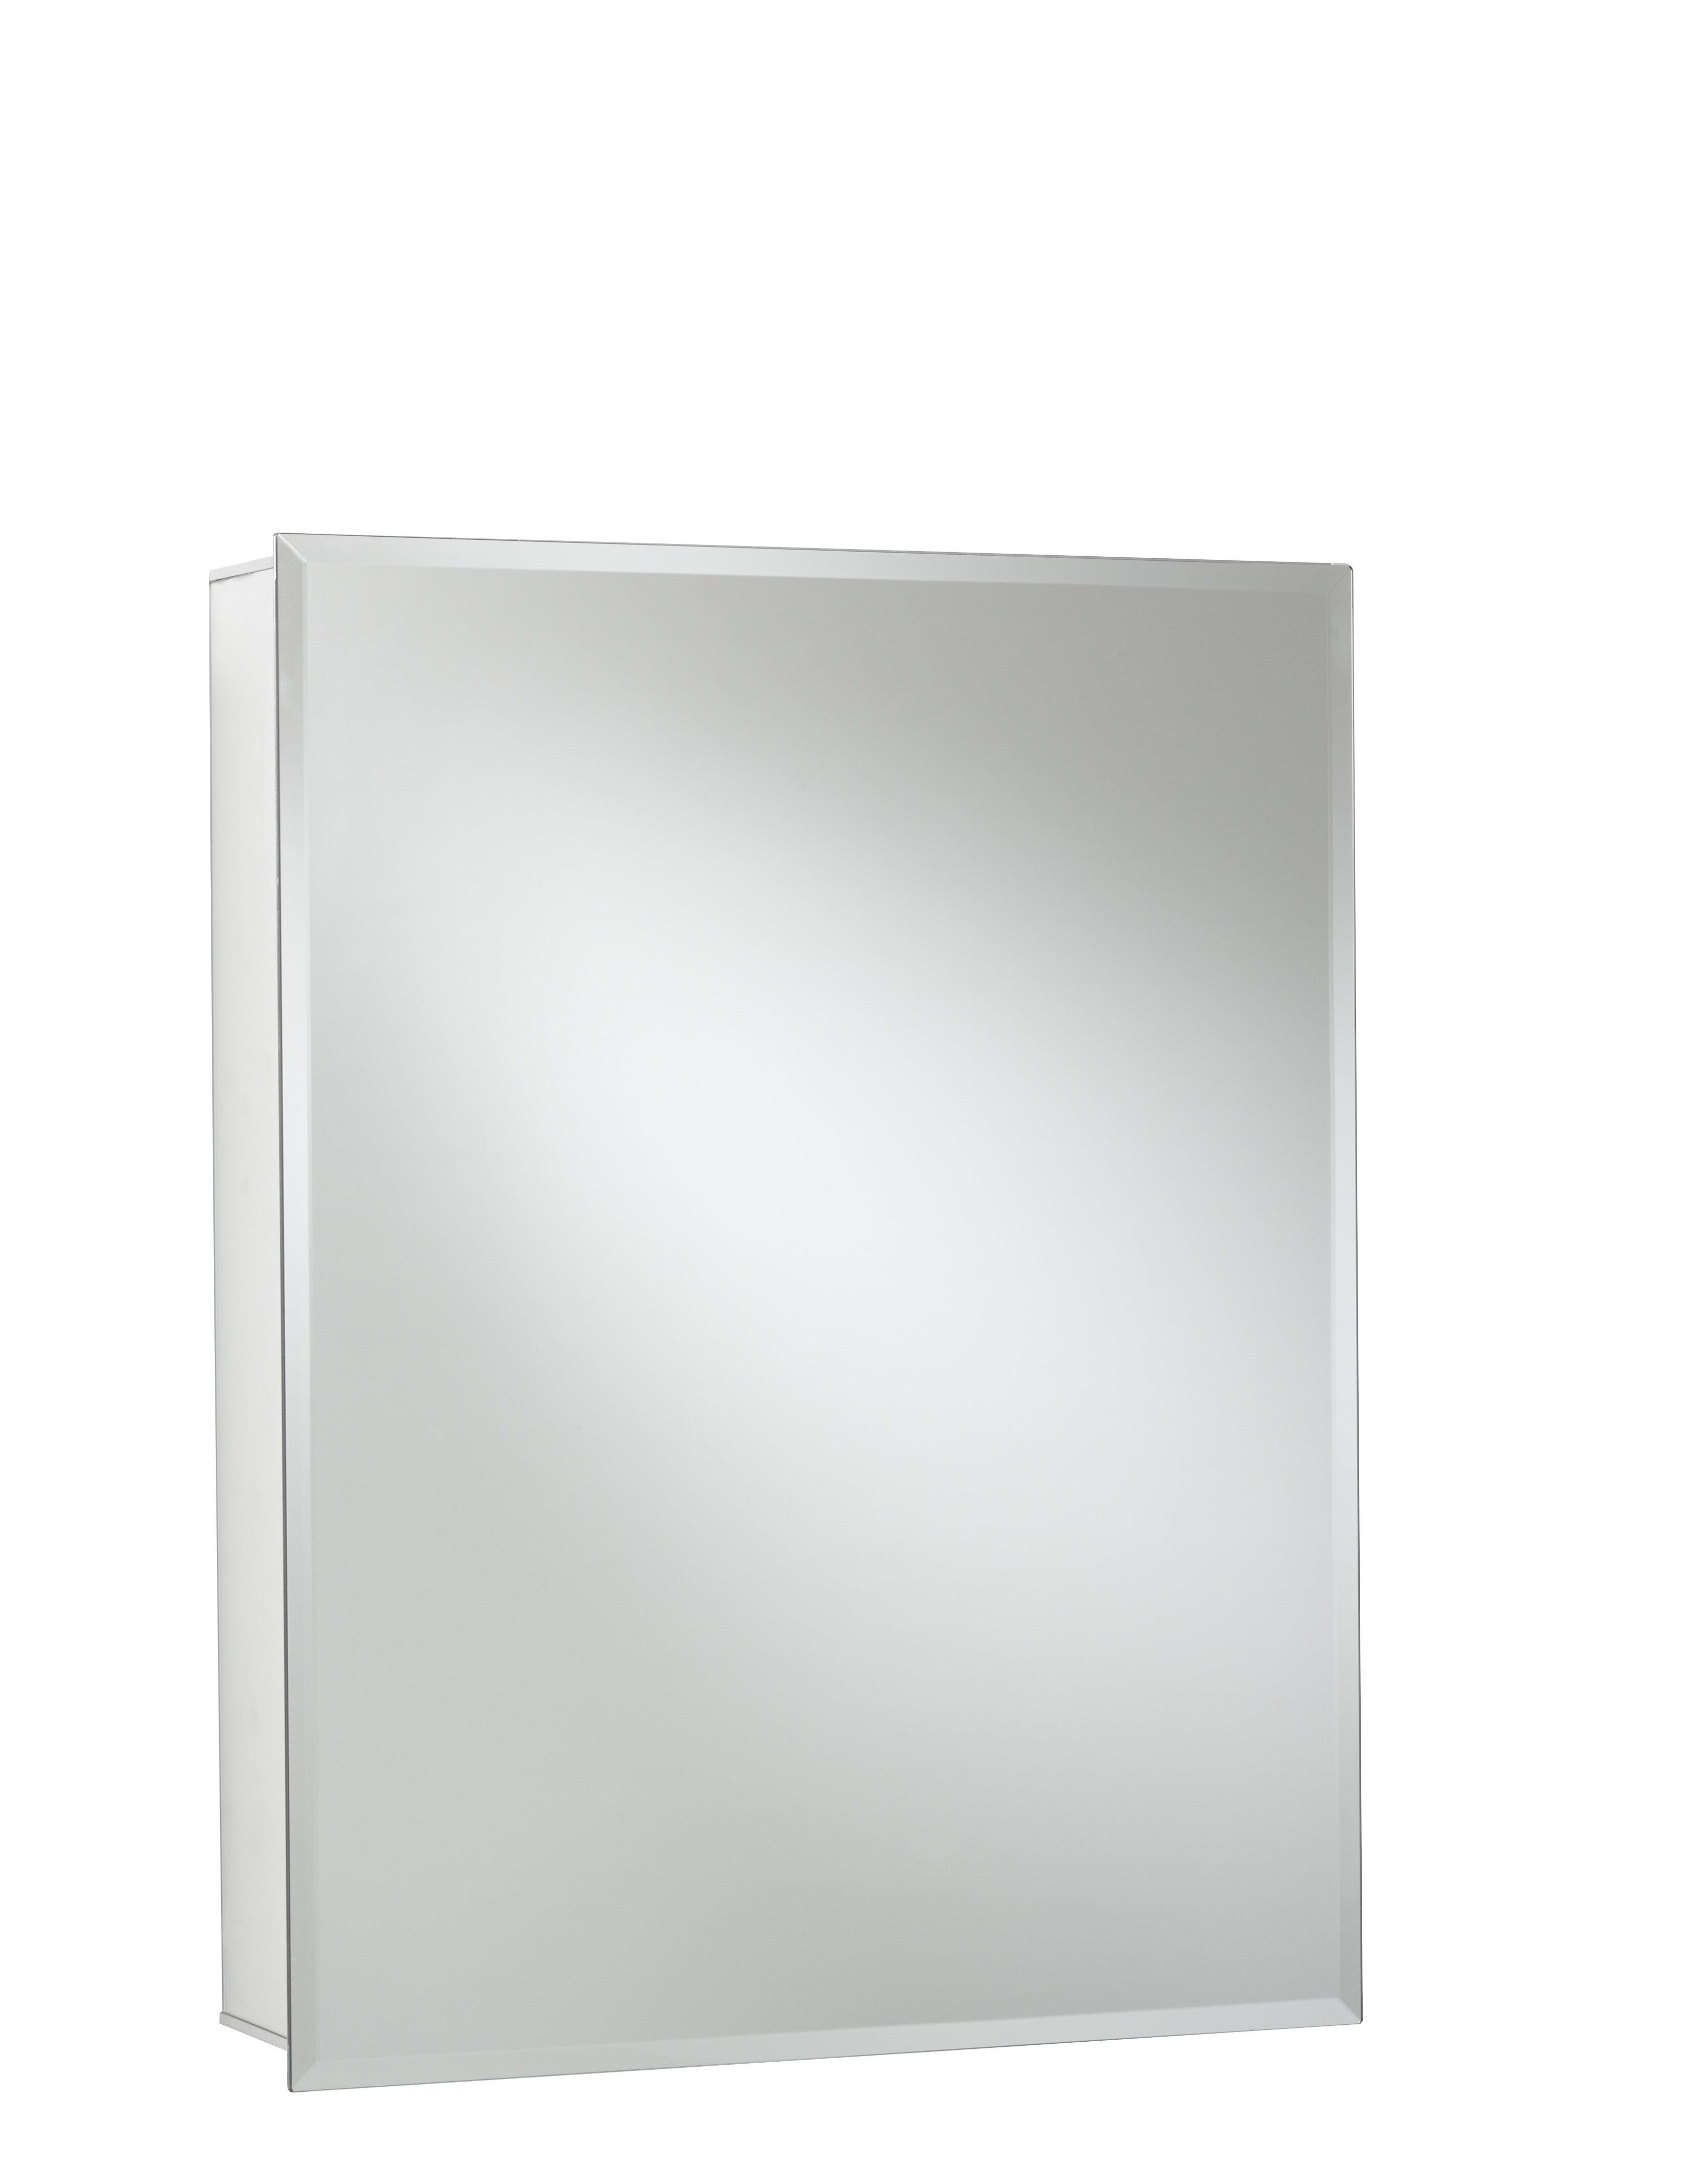 Super 24 X 30 Recessed Or Surface Mount Frameless Medicine Cabinet With 2 Adjustable Shelves Home Remodeling Inspirations Gresiscottssportslandcom